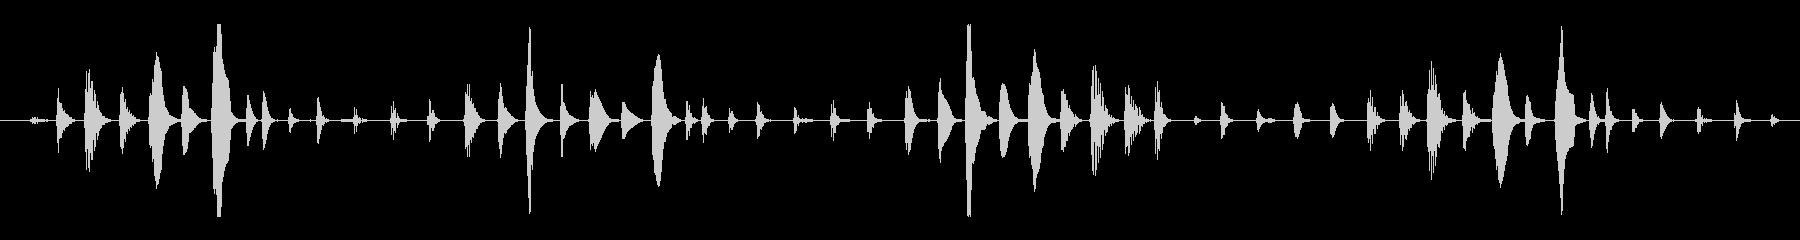 フィクション エイリアン 弾力のあ...の未再生の波形